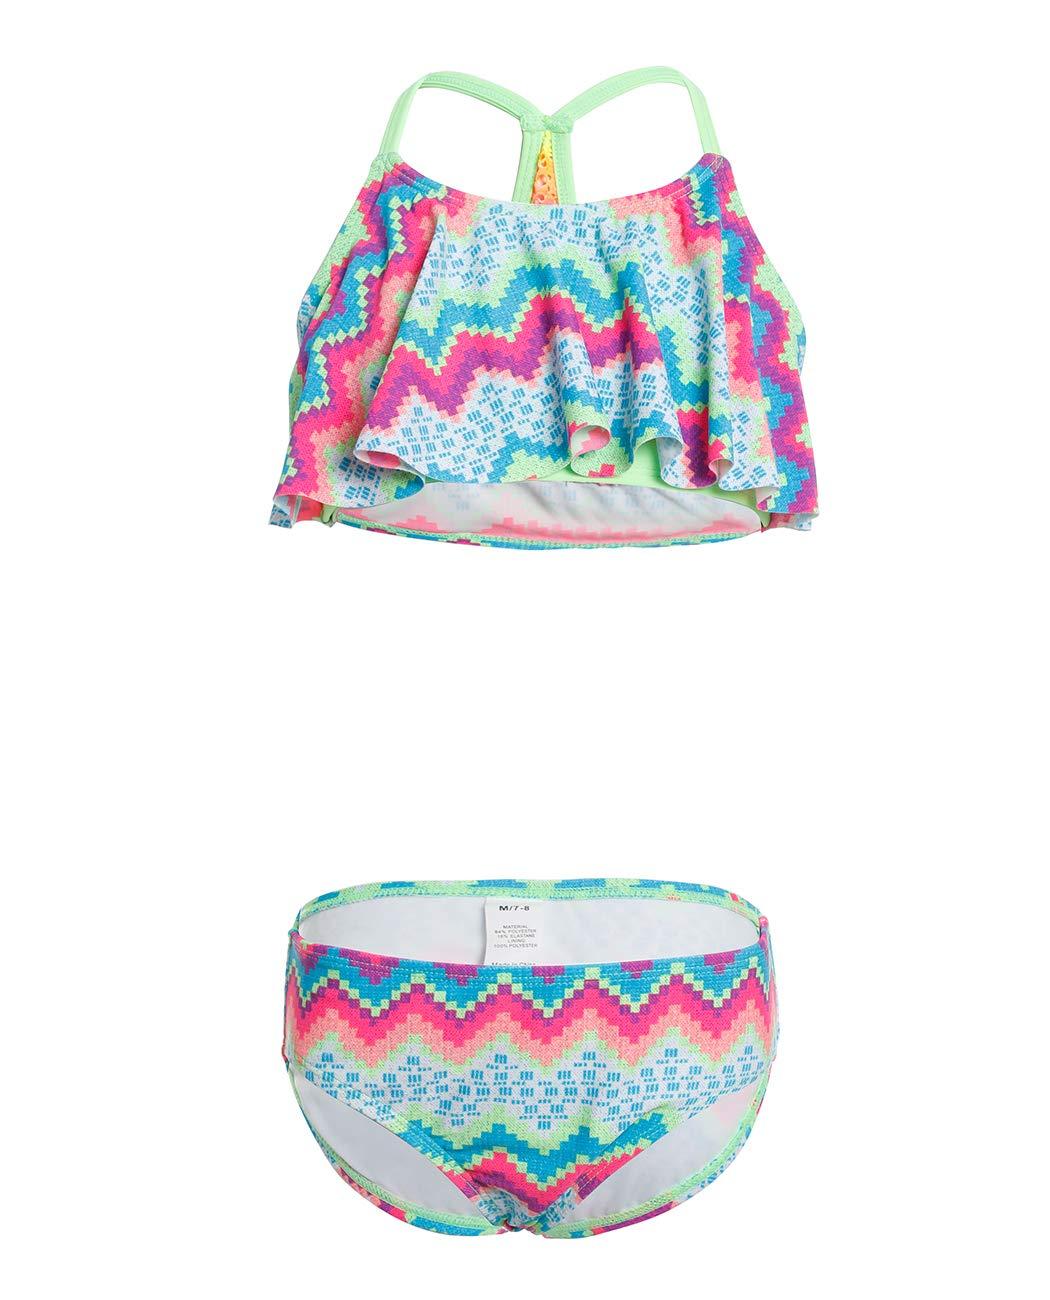 iDrawl Girls Swimwear, Two Piece Rash Guard Beach Sporty Swimsuits